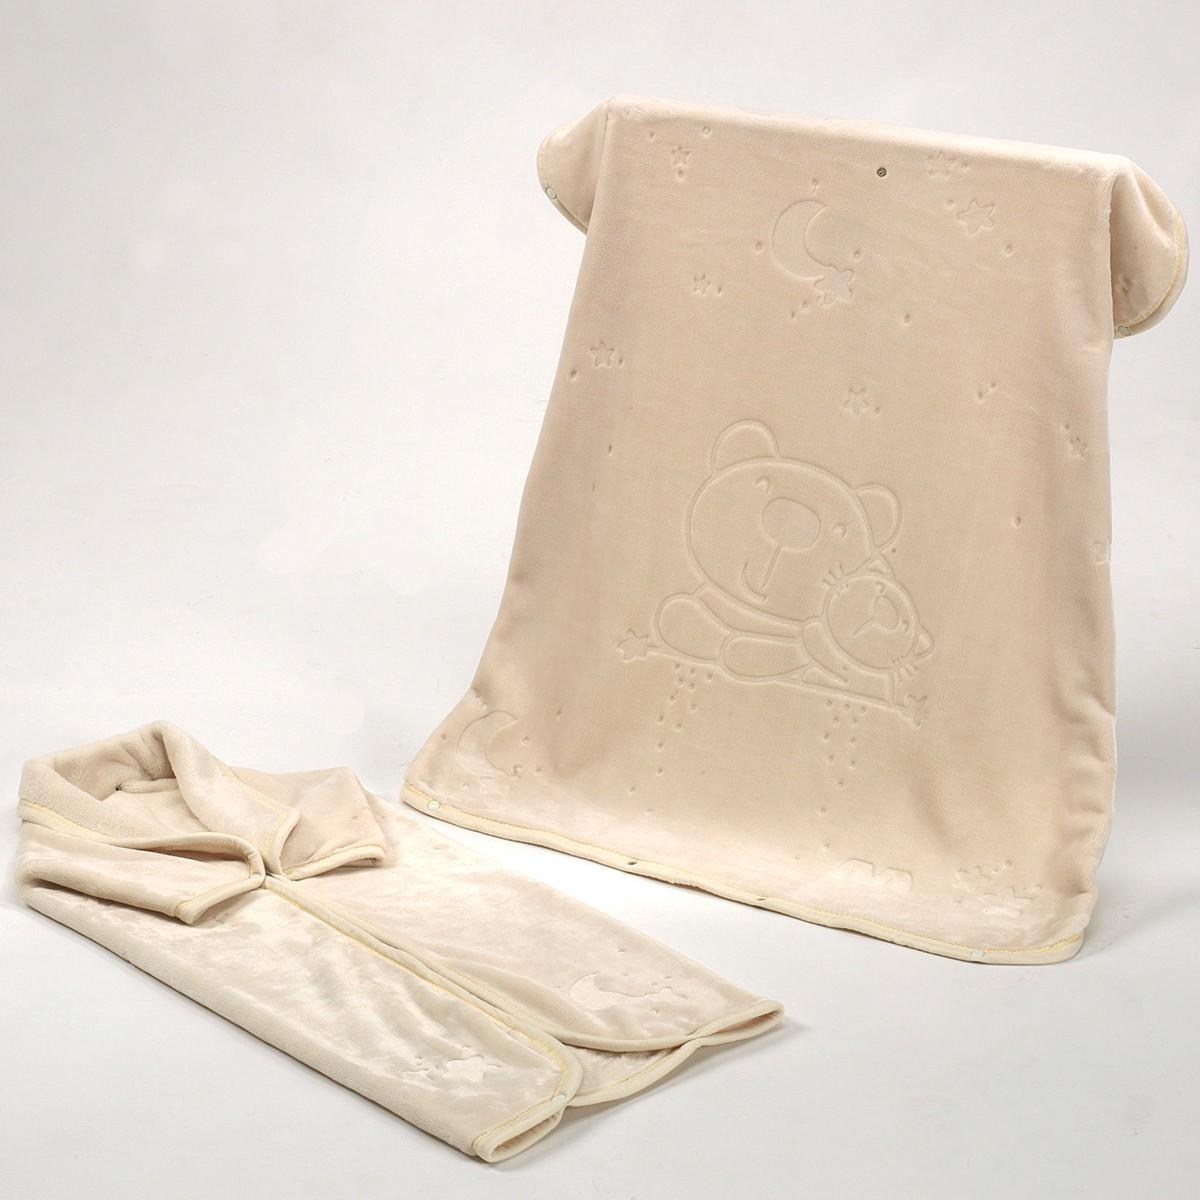 Υπνόσακος Κουβέρτα Βελουτέ Morven Baby Coat 923 Beige